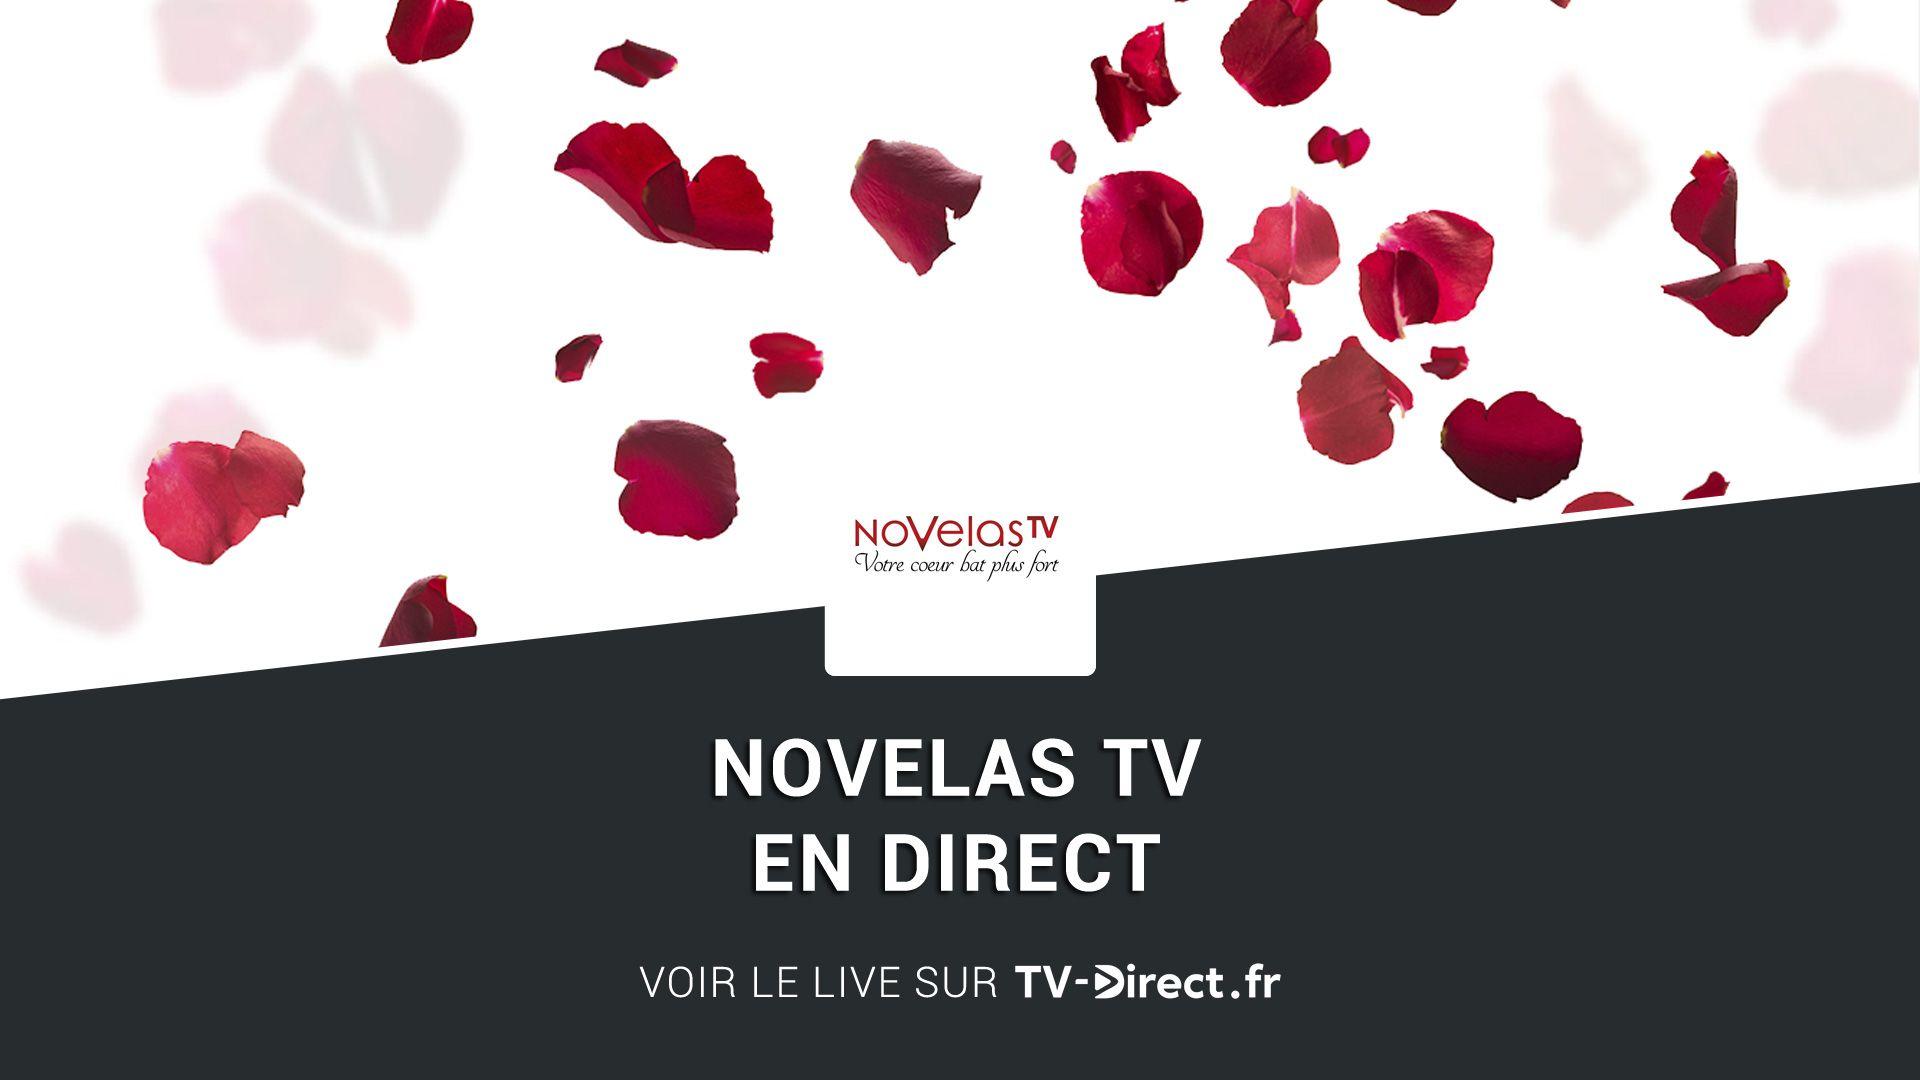 Novelas TV direct est visible en ligne pour regarder les